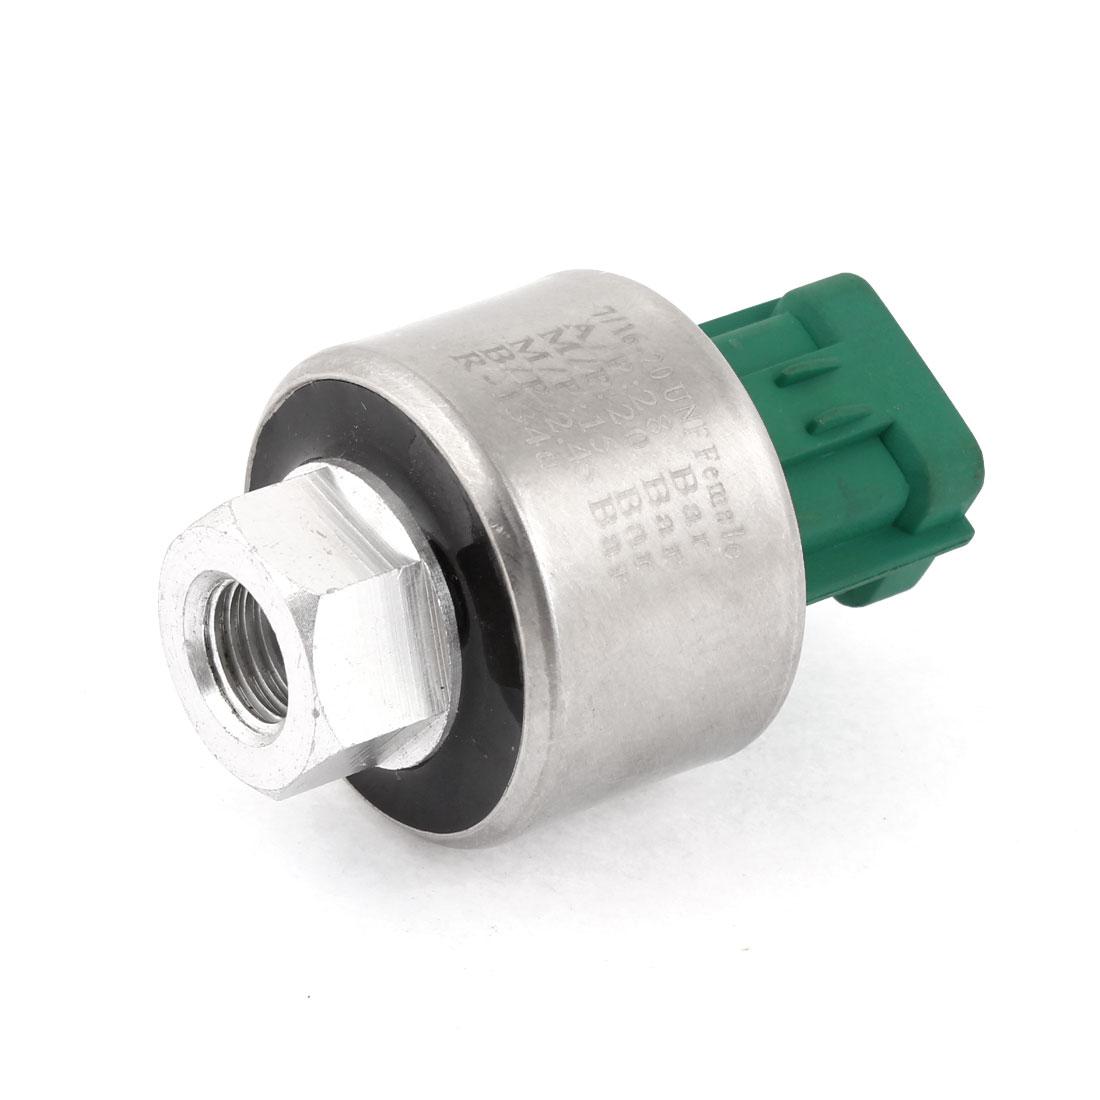 Van Car Truck Air Con 5 Pin Pressure Sensor Switch Repair Part for Fiat